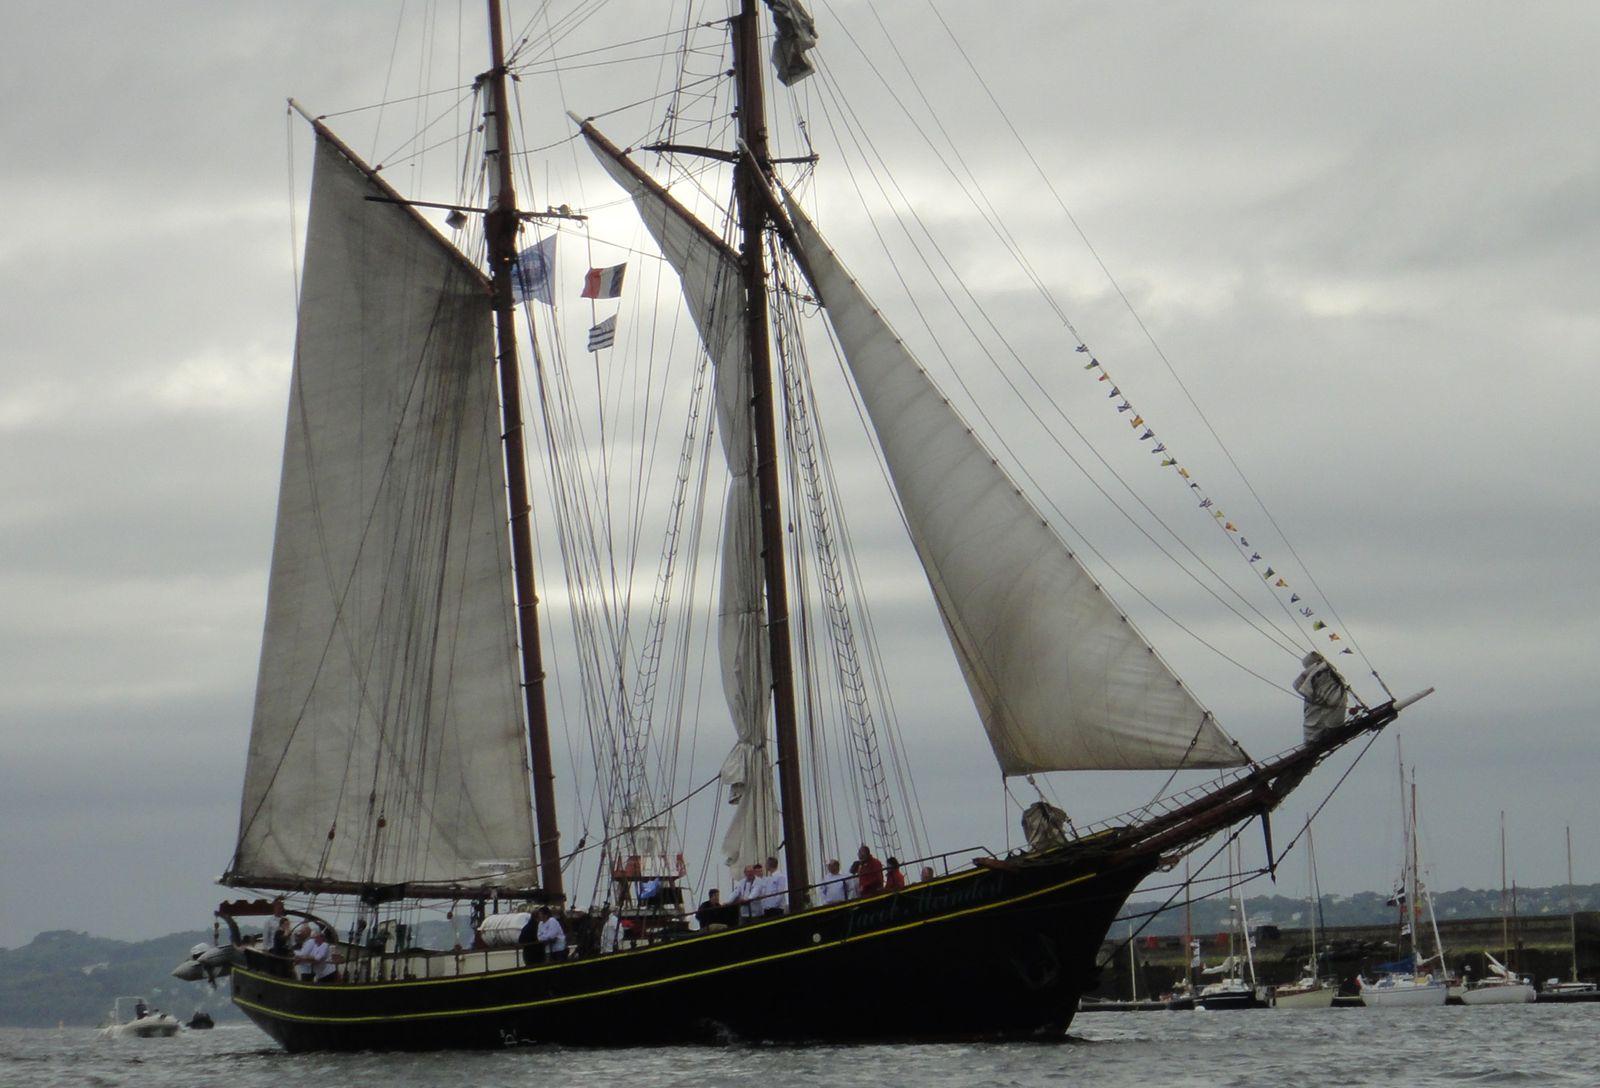 18 et 19 juillet 2012 : la randonnée Brest 2012. A l'occasion des Tonnerres de Brest, navigation entre Brest et Douarnenez.